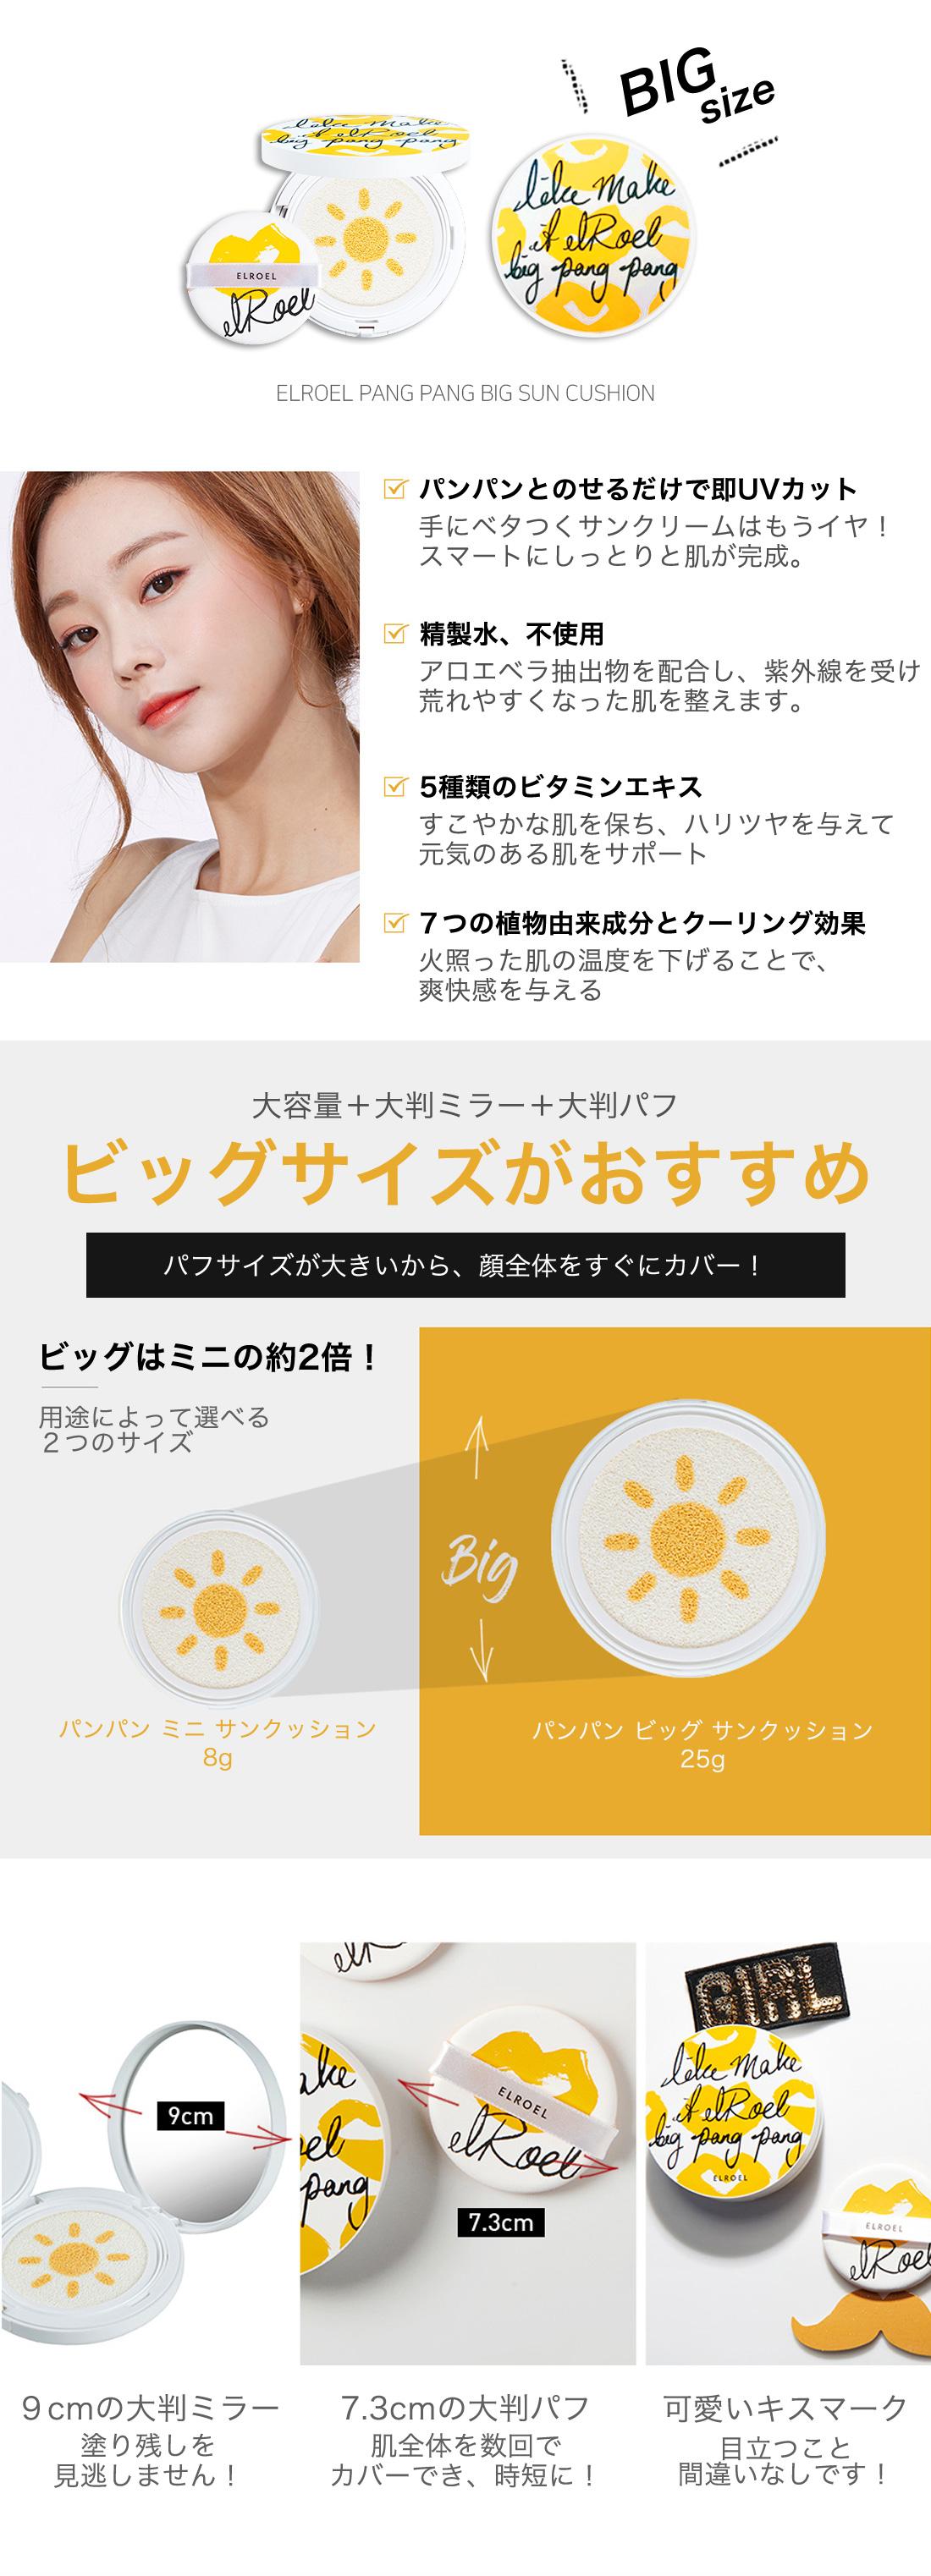 sun_cushion_1.jpg